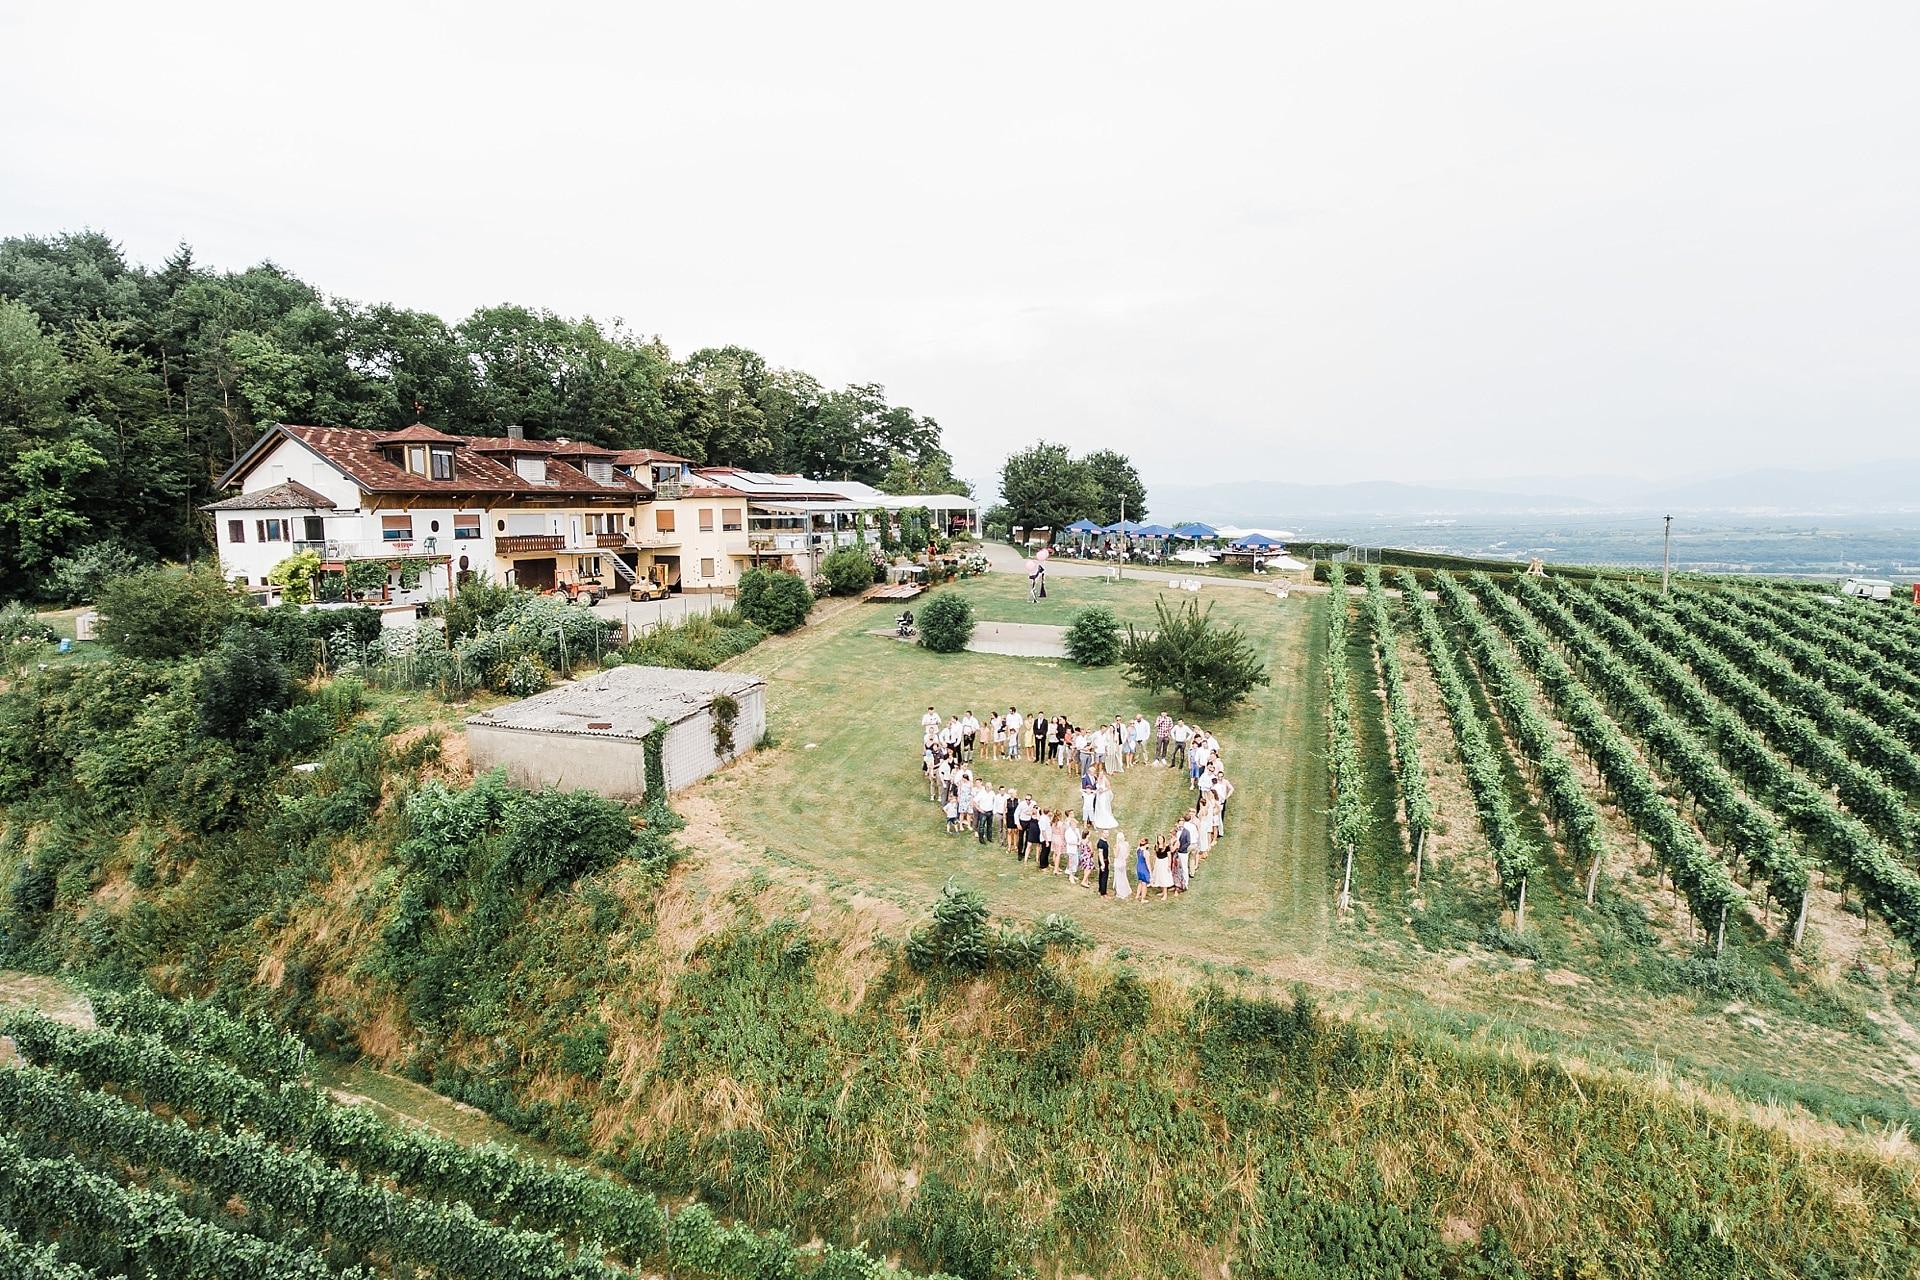 hochzeitsplanung-weddingplanner-ihringen-lenzenberg_0793